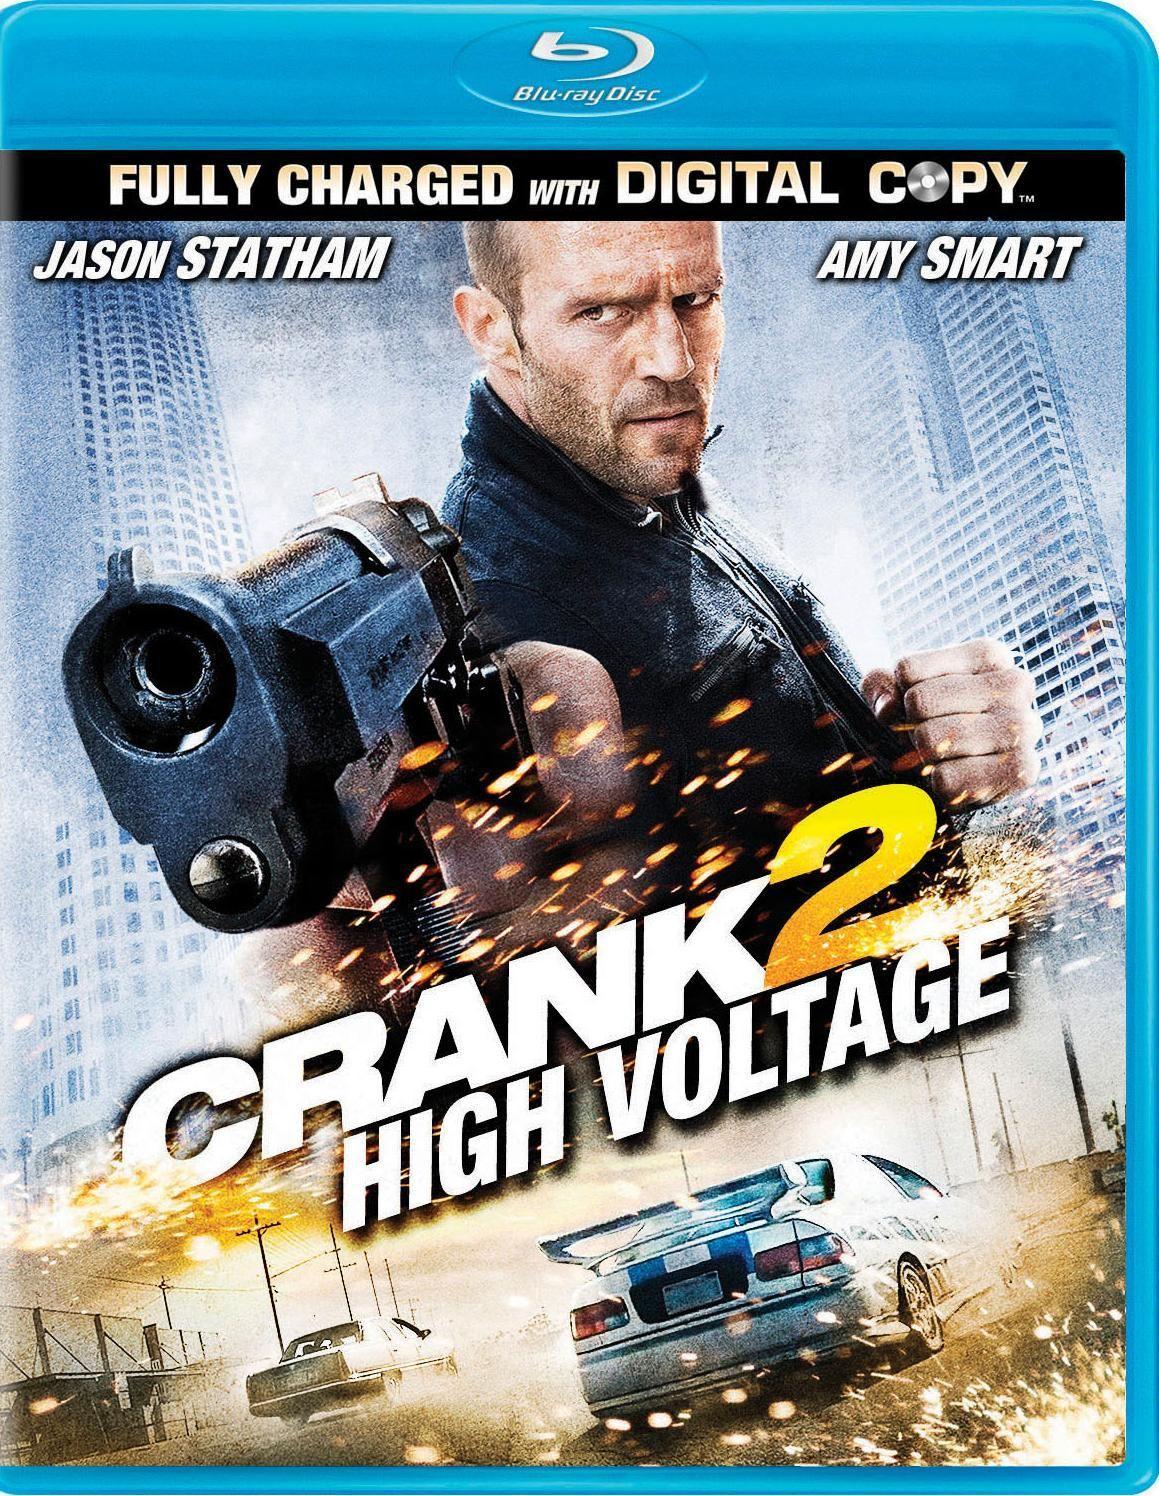 Crank.High.Voltage.2009.jpg